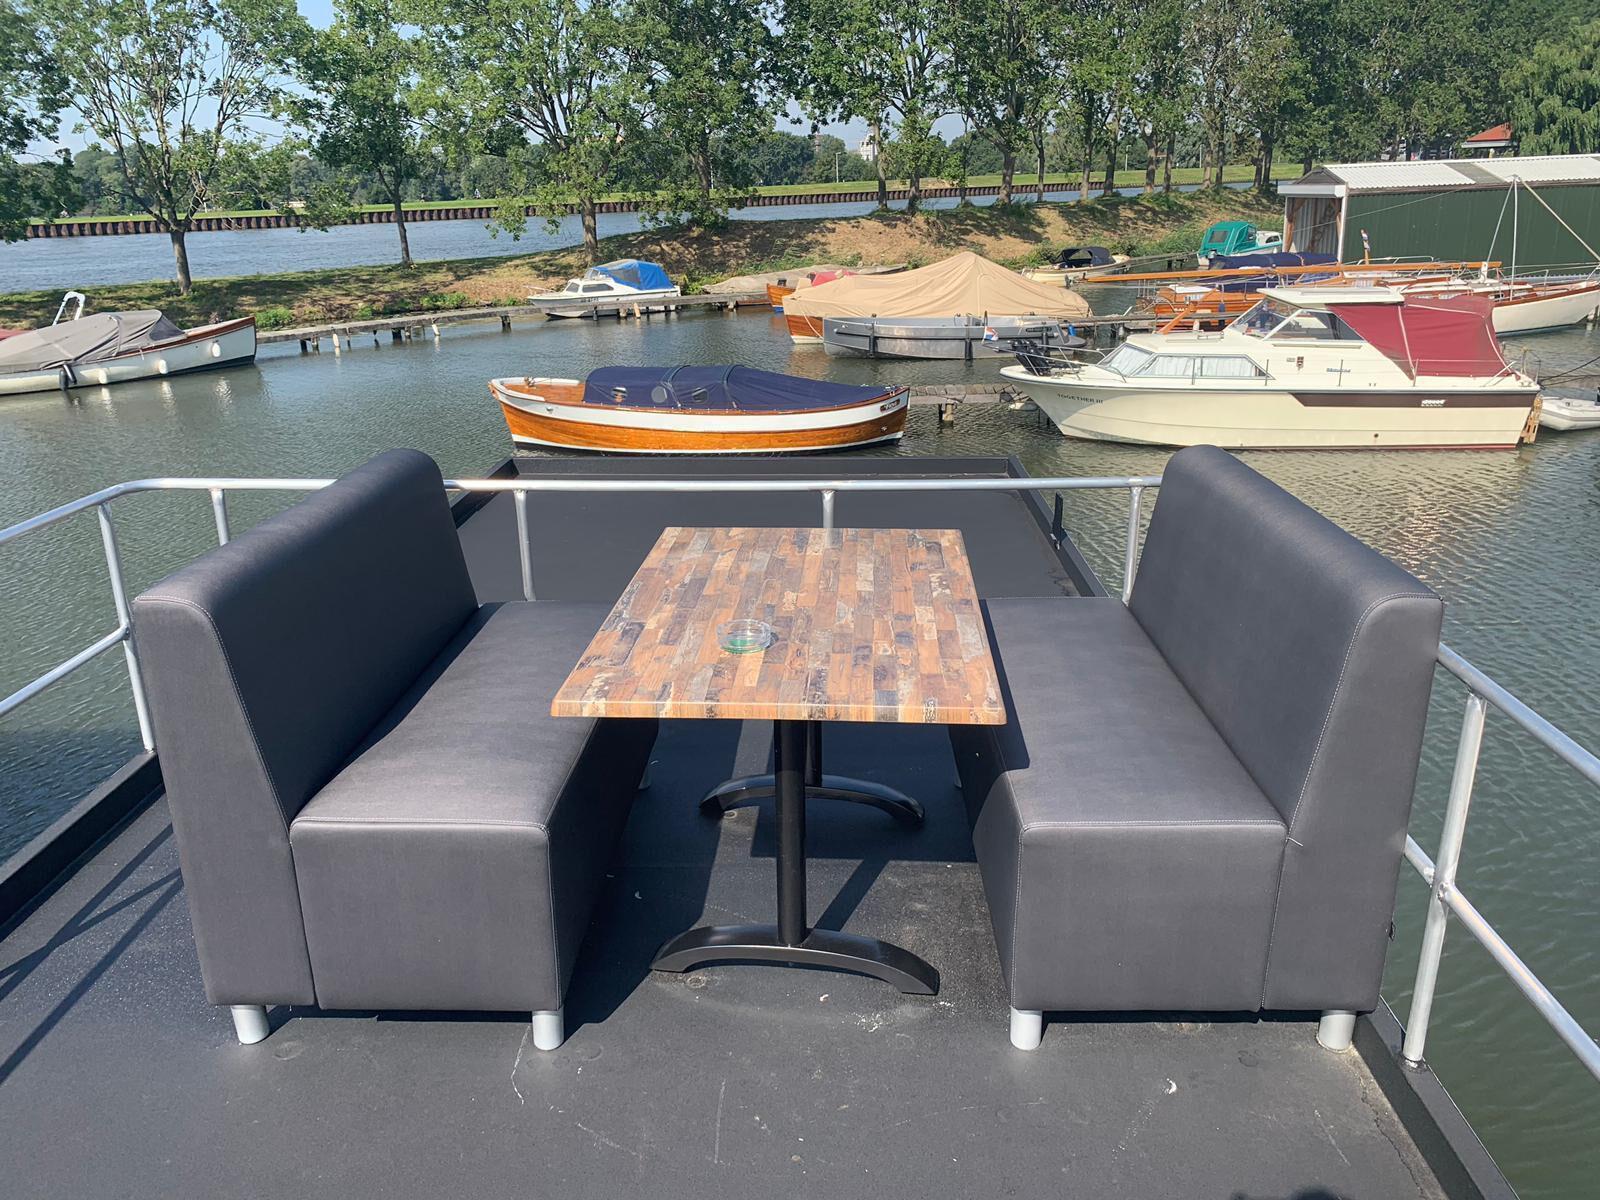 MarinaParcs Havenlogde 4 personen Amsterdam Noord-Holland